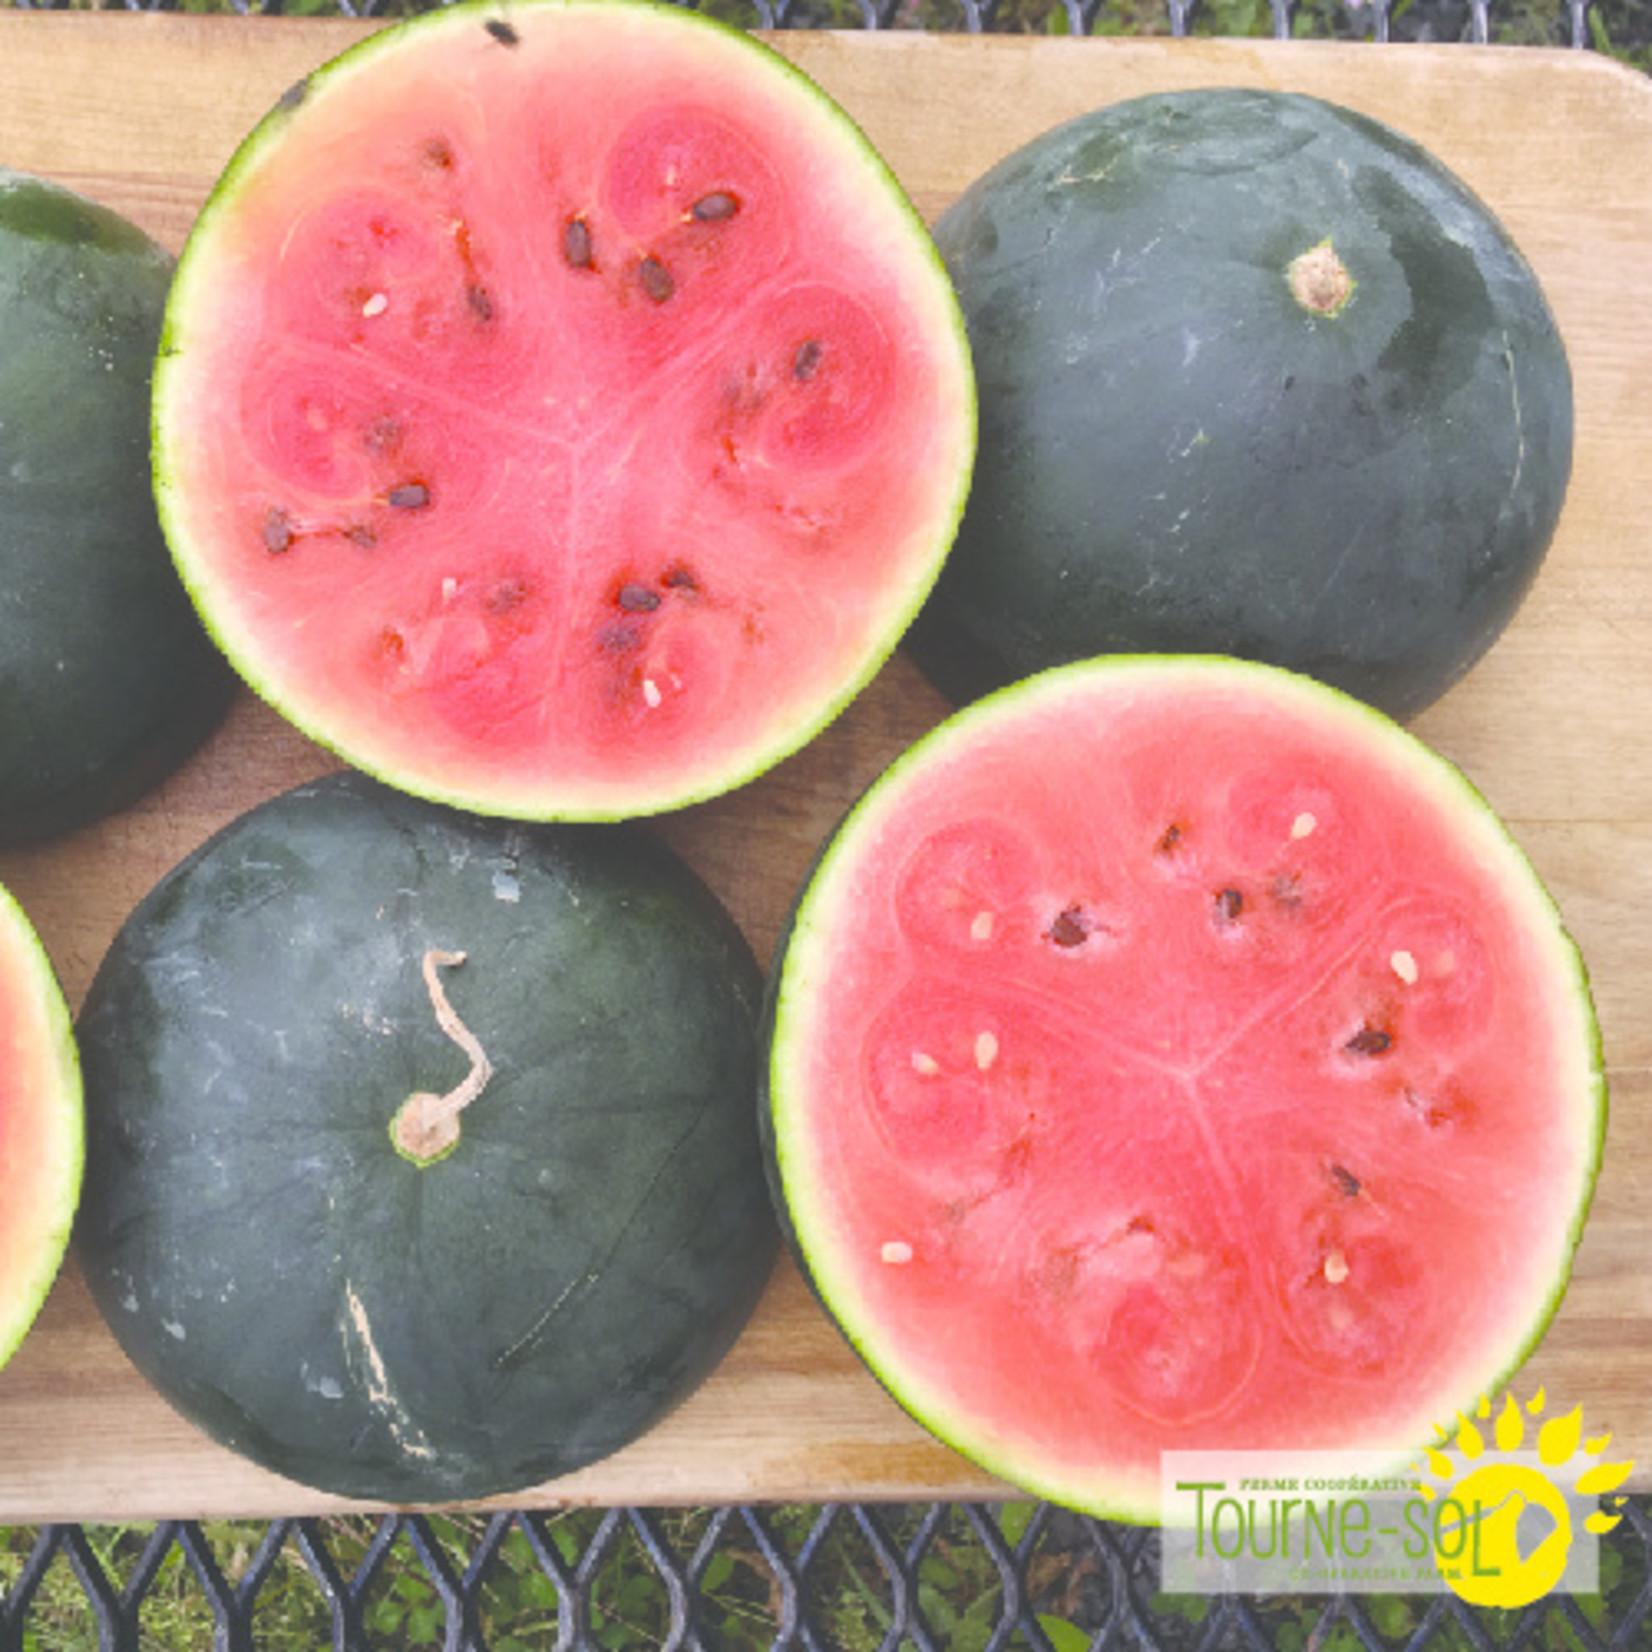 Tourne-Sol Melon d'Eau Blacktail Mountain